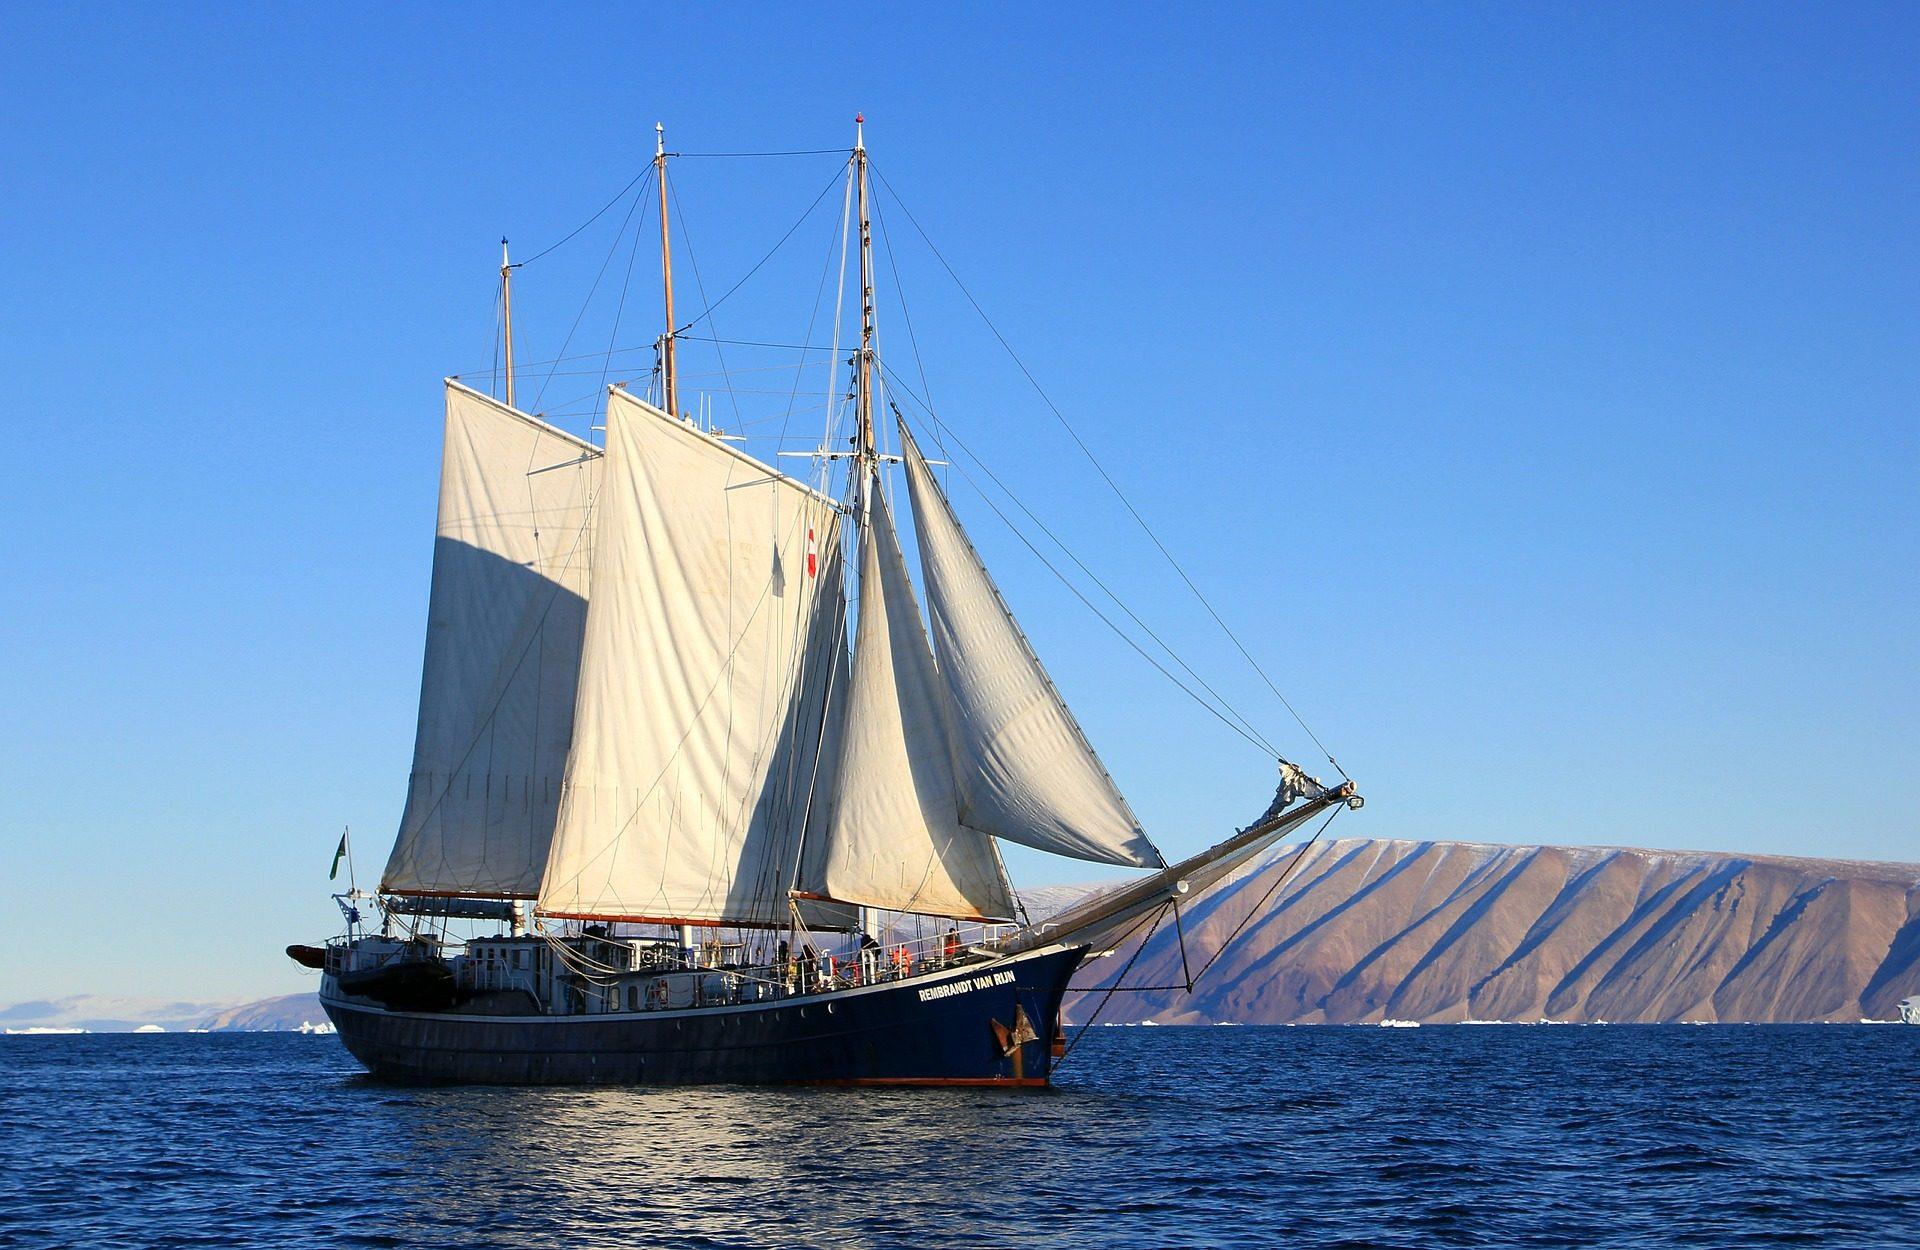 ιστιοφόρο, βάρκα, πλοίο, Ωκεανός, Θάλασσα - Wallpapers HD - Professor-falken.com